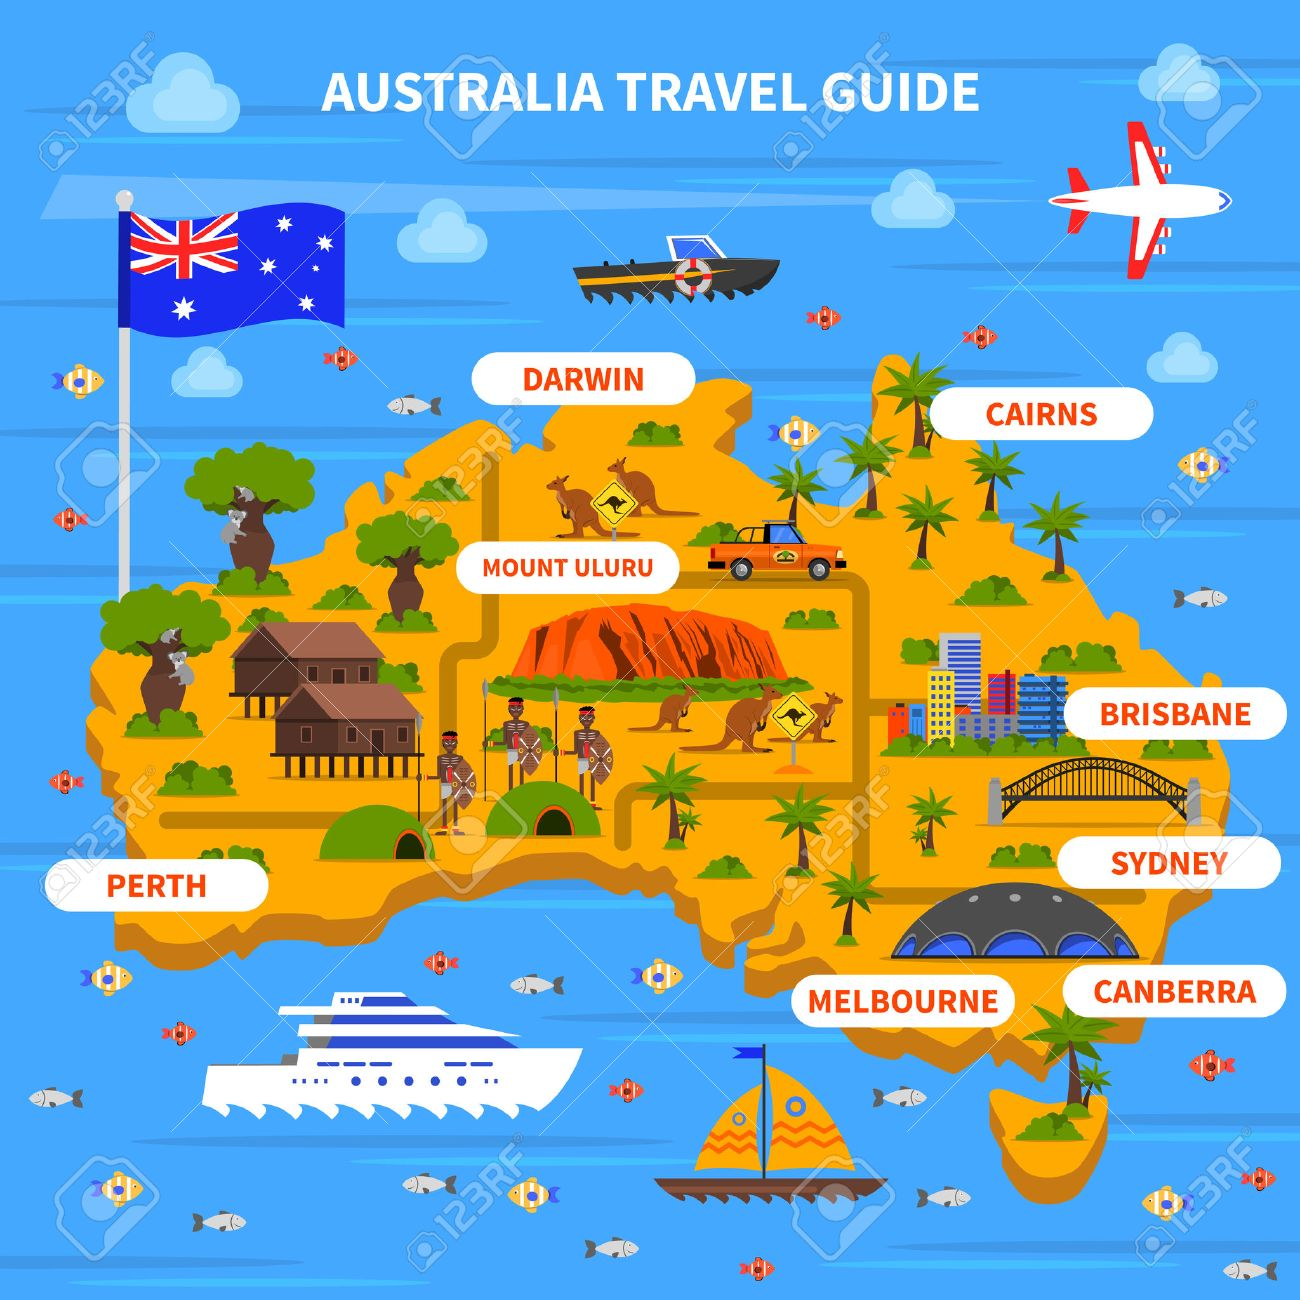 Carte Australie Drapeau.Guide De Voyage Australie Avec Carte Drapeau Ocean Et Sites Plat Illustration Vectorielle